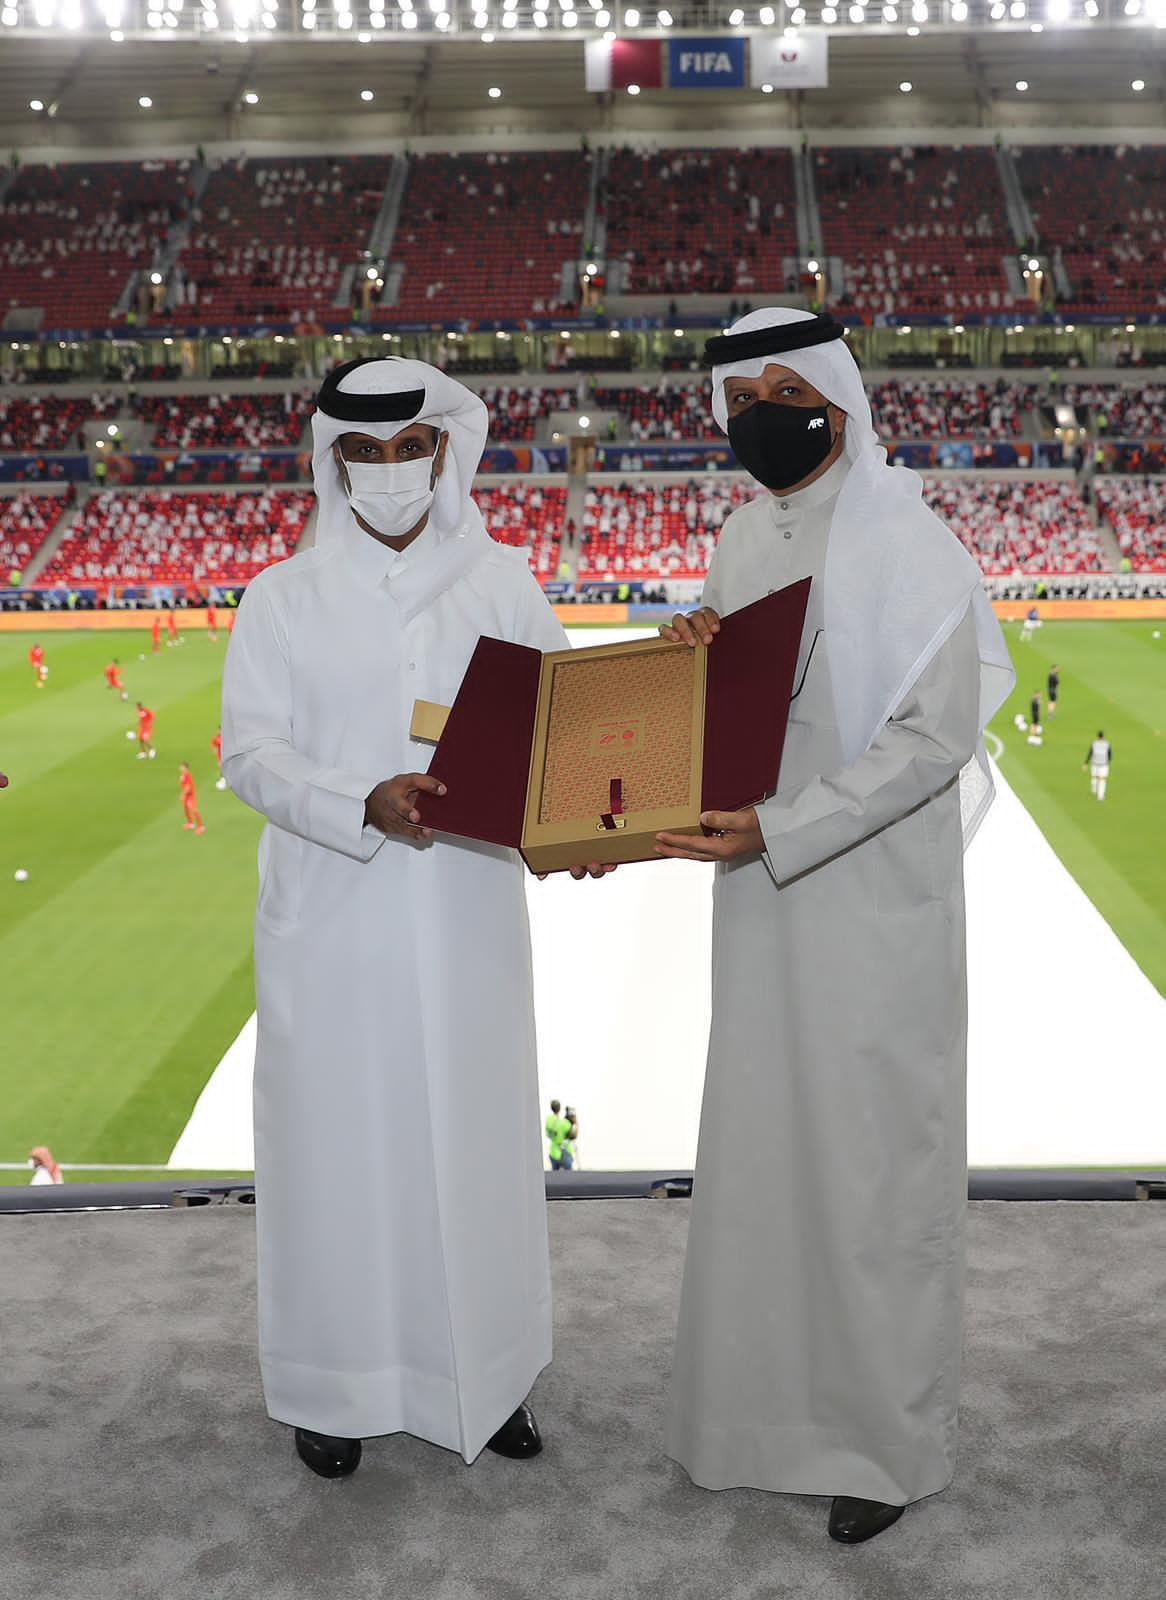 سلمان بن ابراهيم: تدشين استاد احمد بن علي مؤشر حقيقي حول جهوزية قطر  لاحتضان كأس العالم ٢٠٢٢.